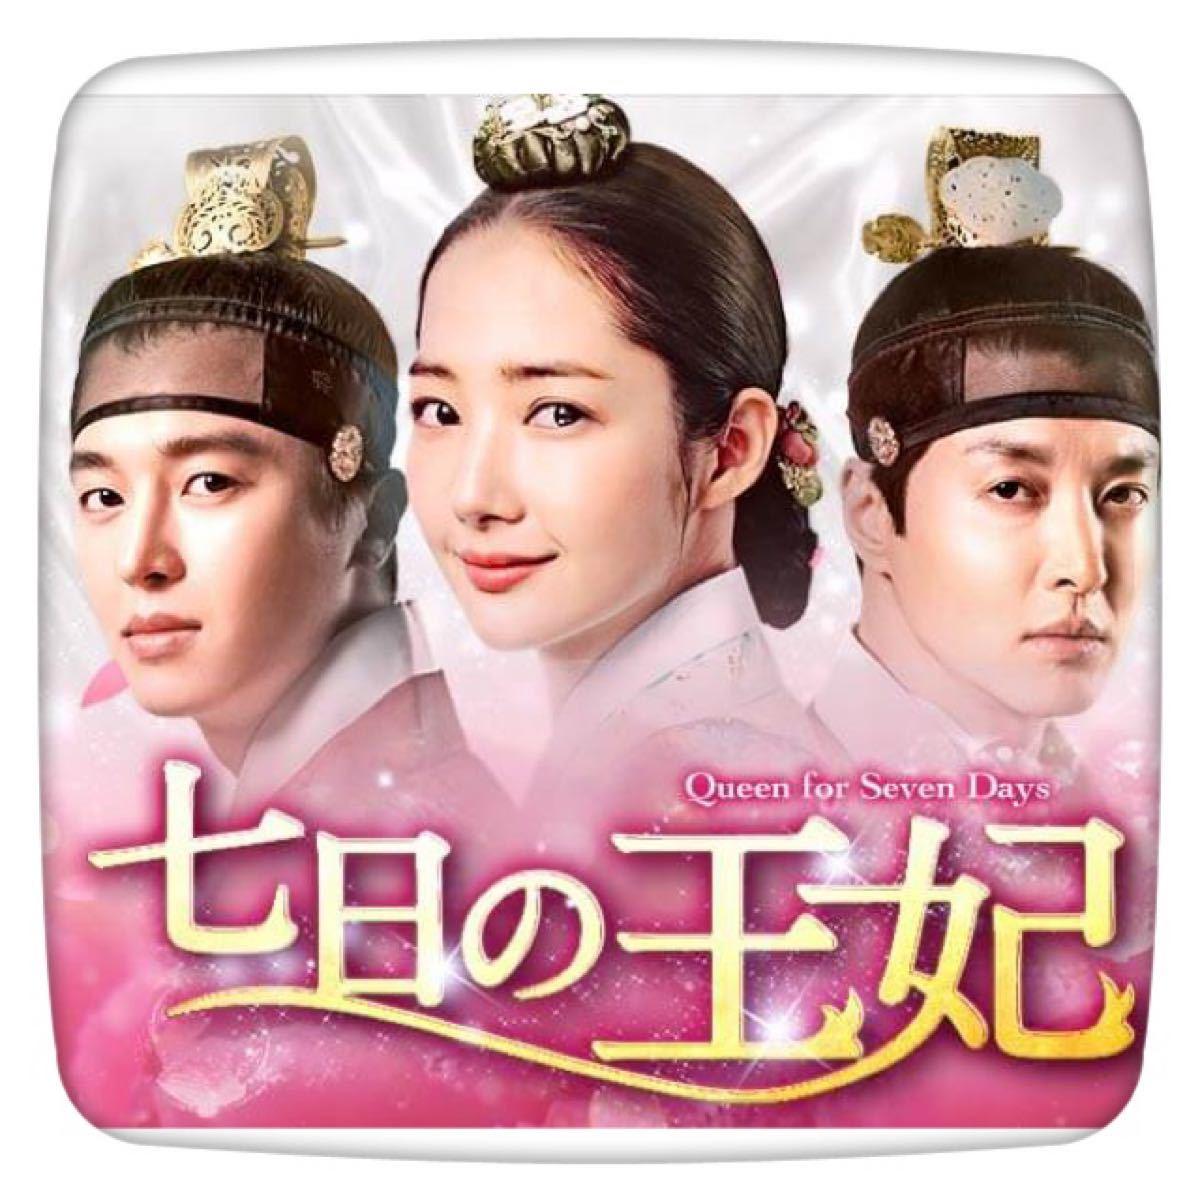 【七日の王妃】Blu-ray 韓国ドラマ 韓流